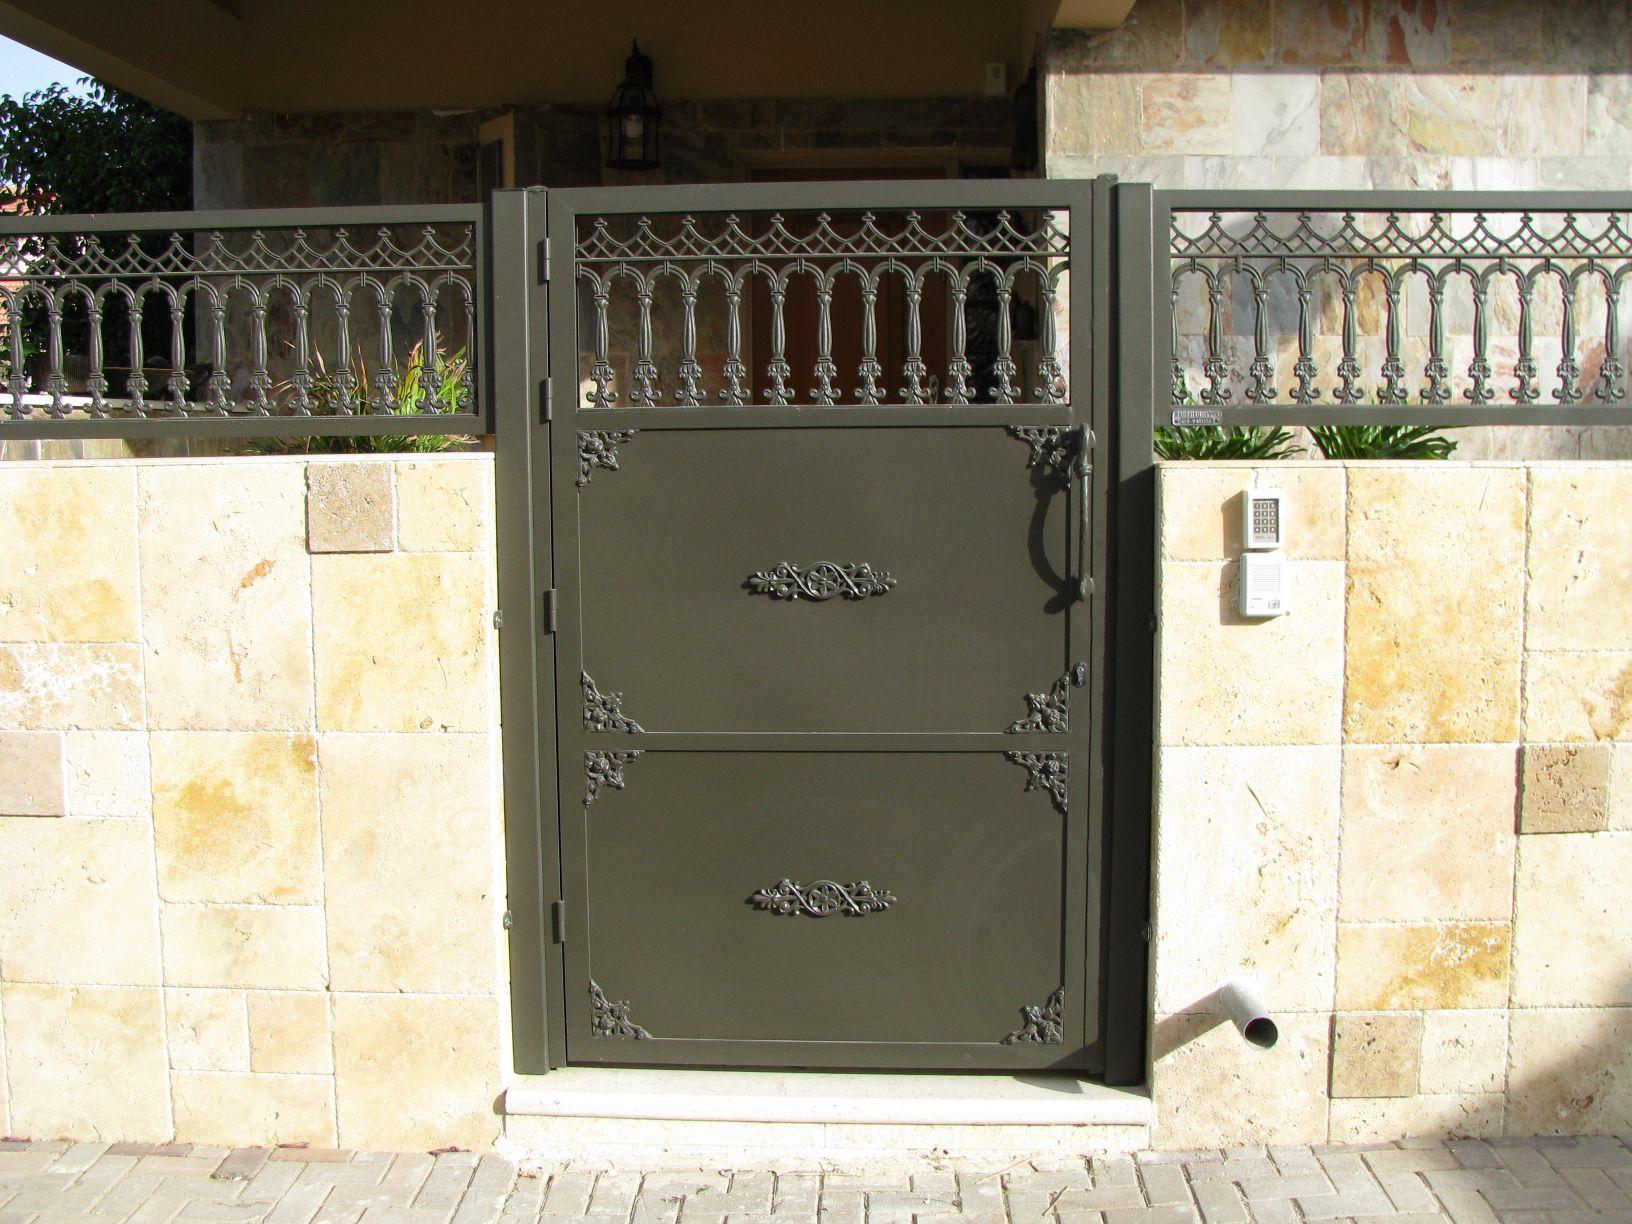 שערים - שערים דגם יציקות - שער דגם אטום קשתות